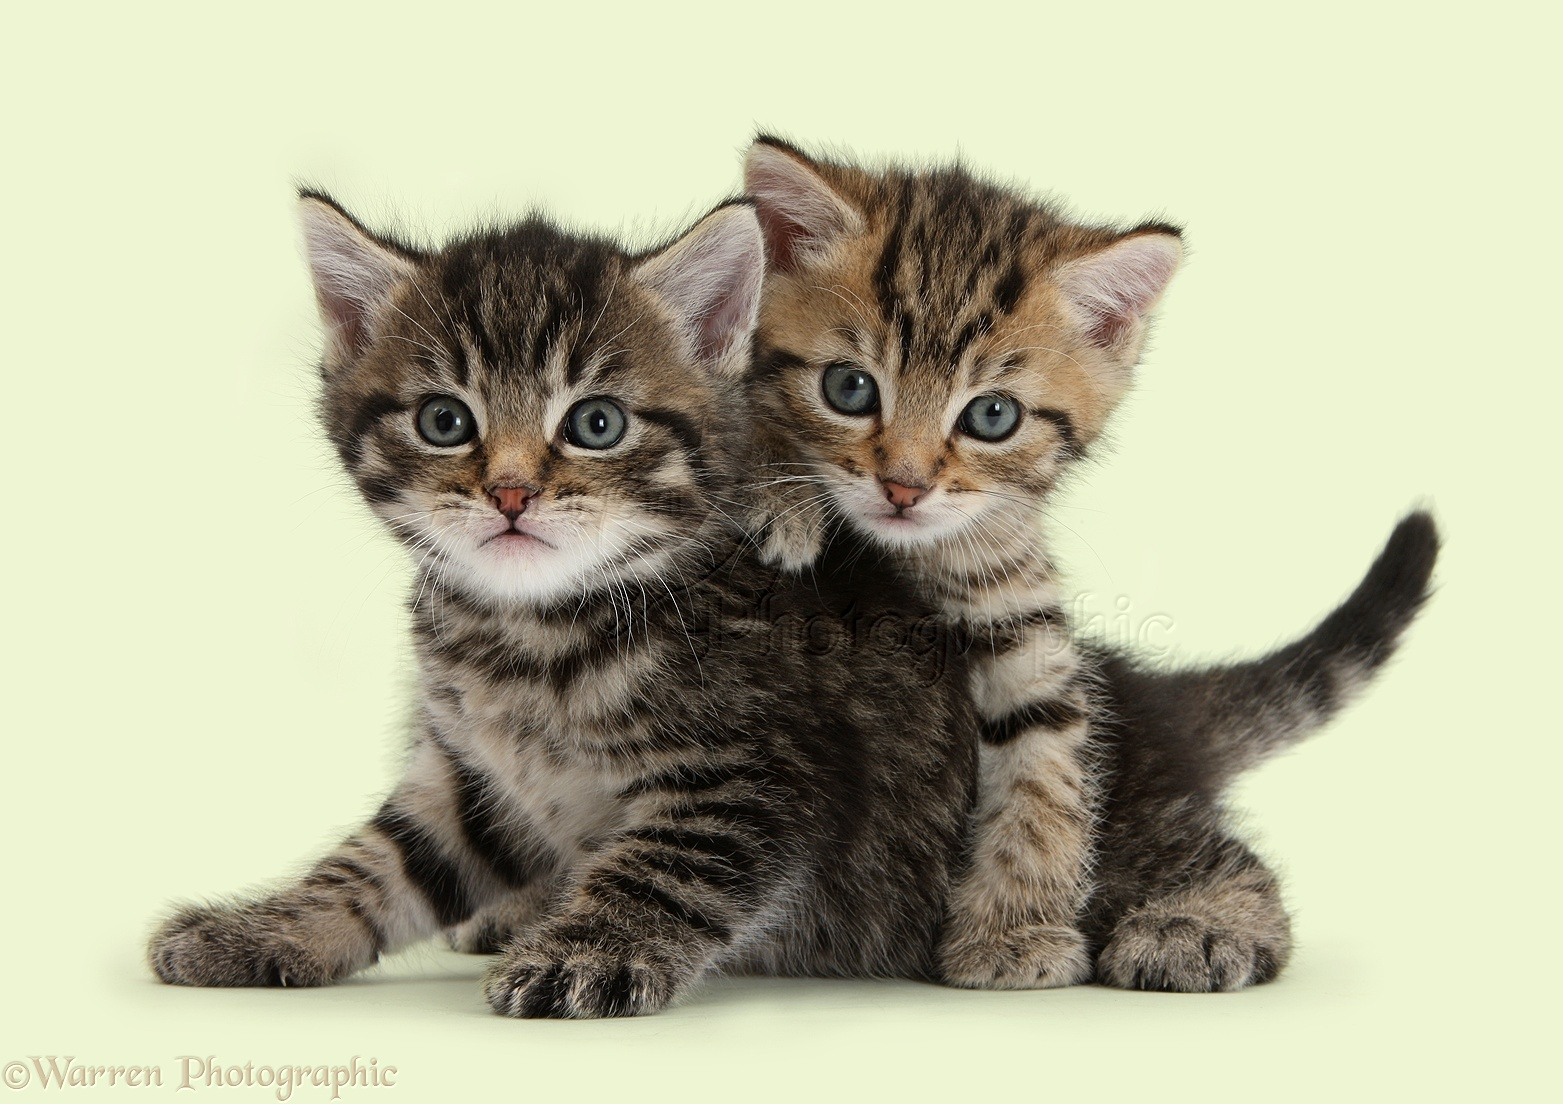 Cute tabby kittens 6 weeks old photo WP